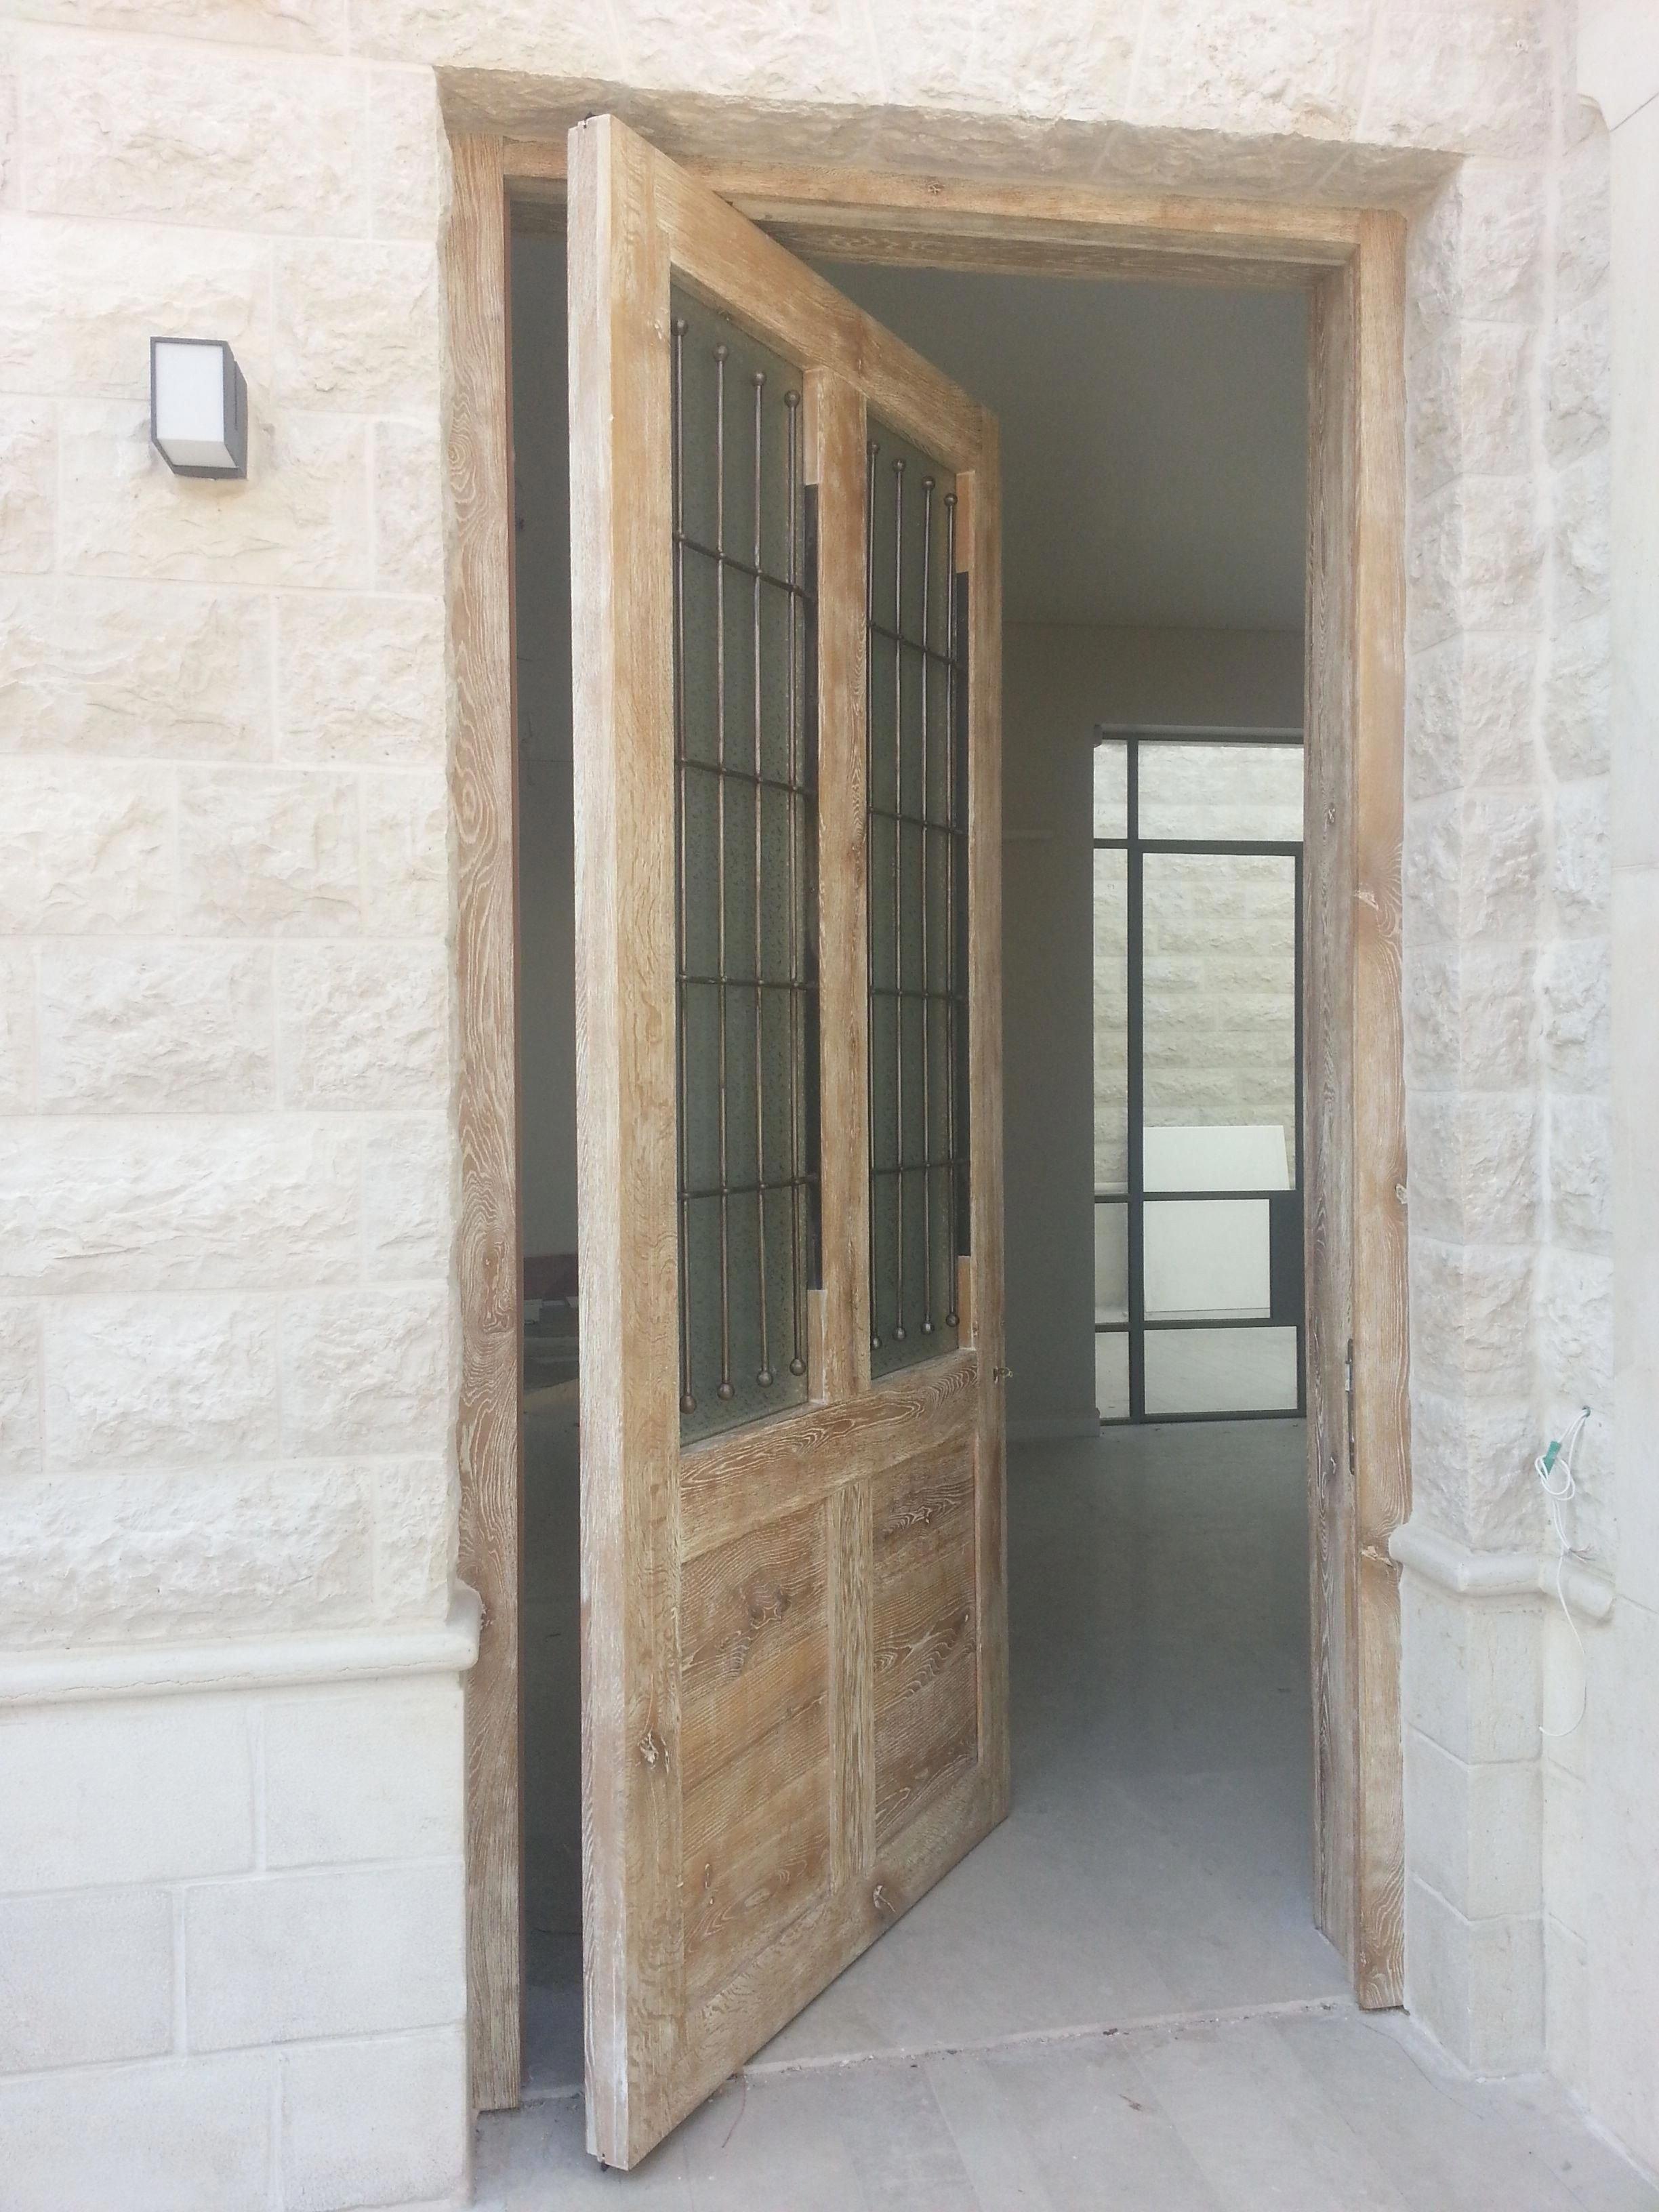 Solid Wood Bedroom Doors Beautiful solid Wood Entry Doors Cheap Doors